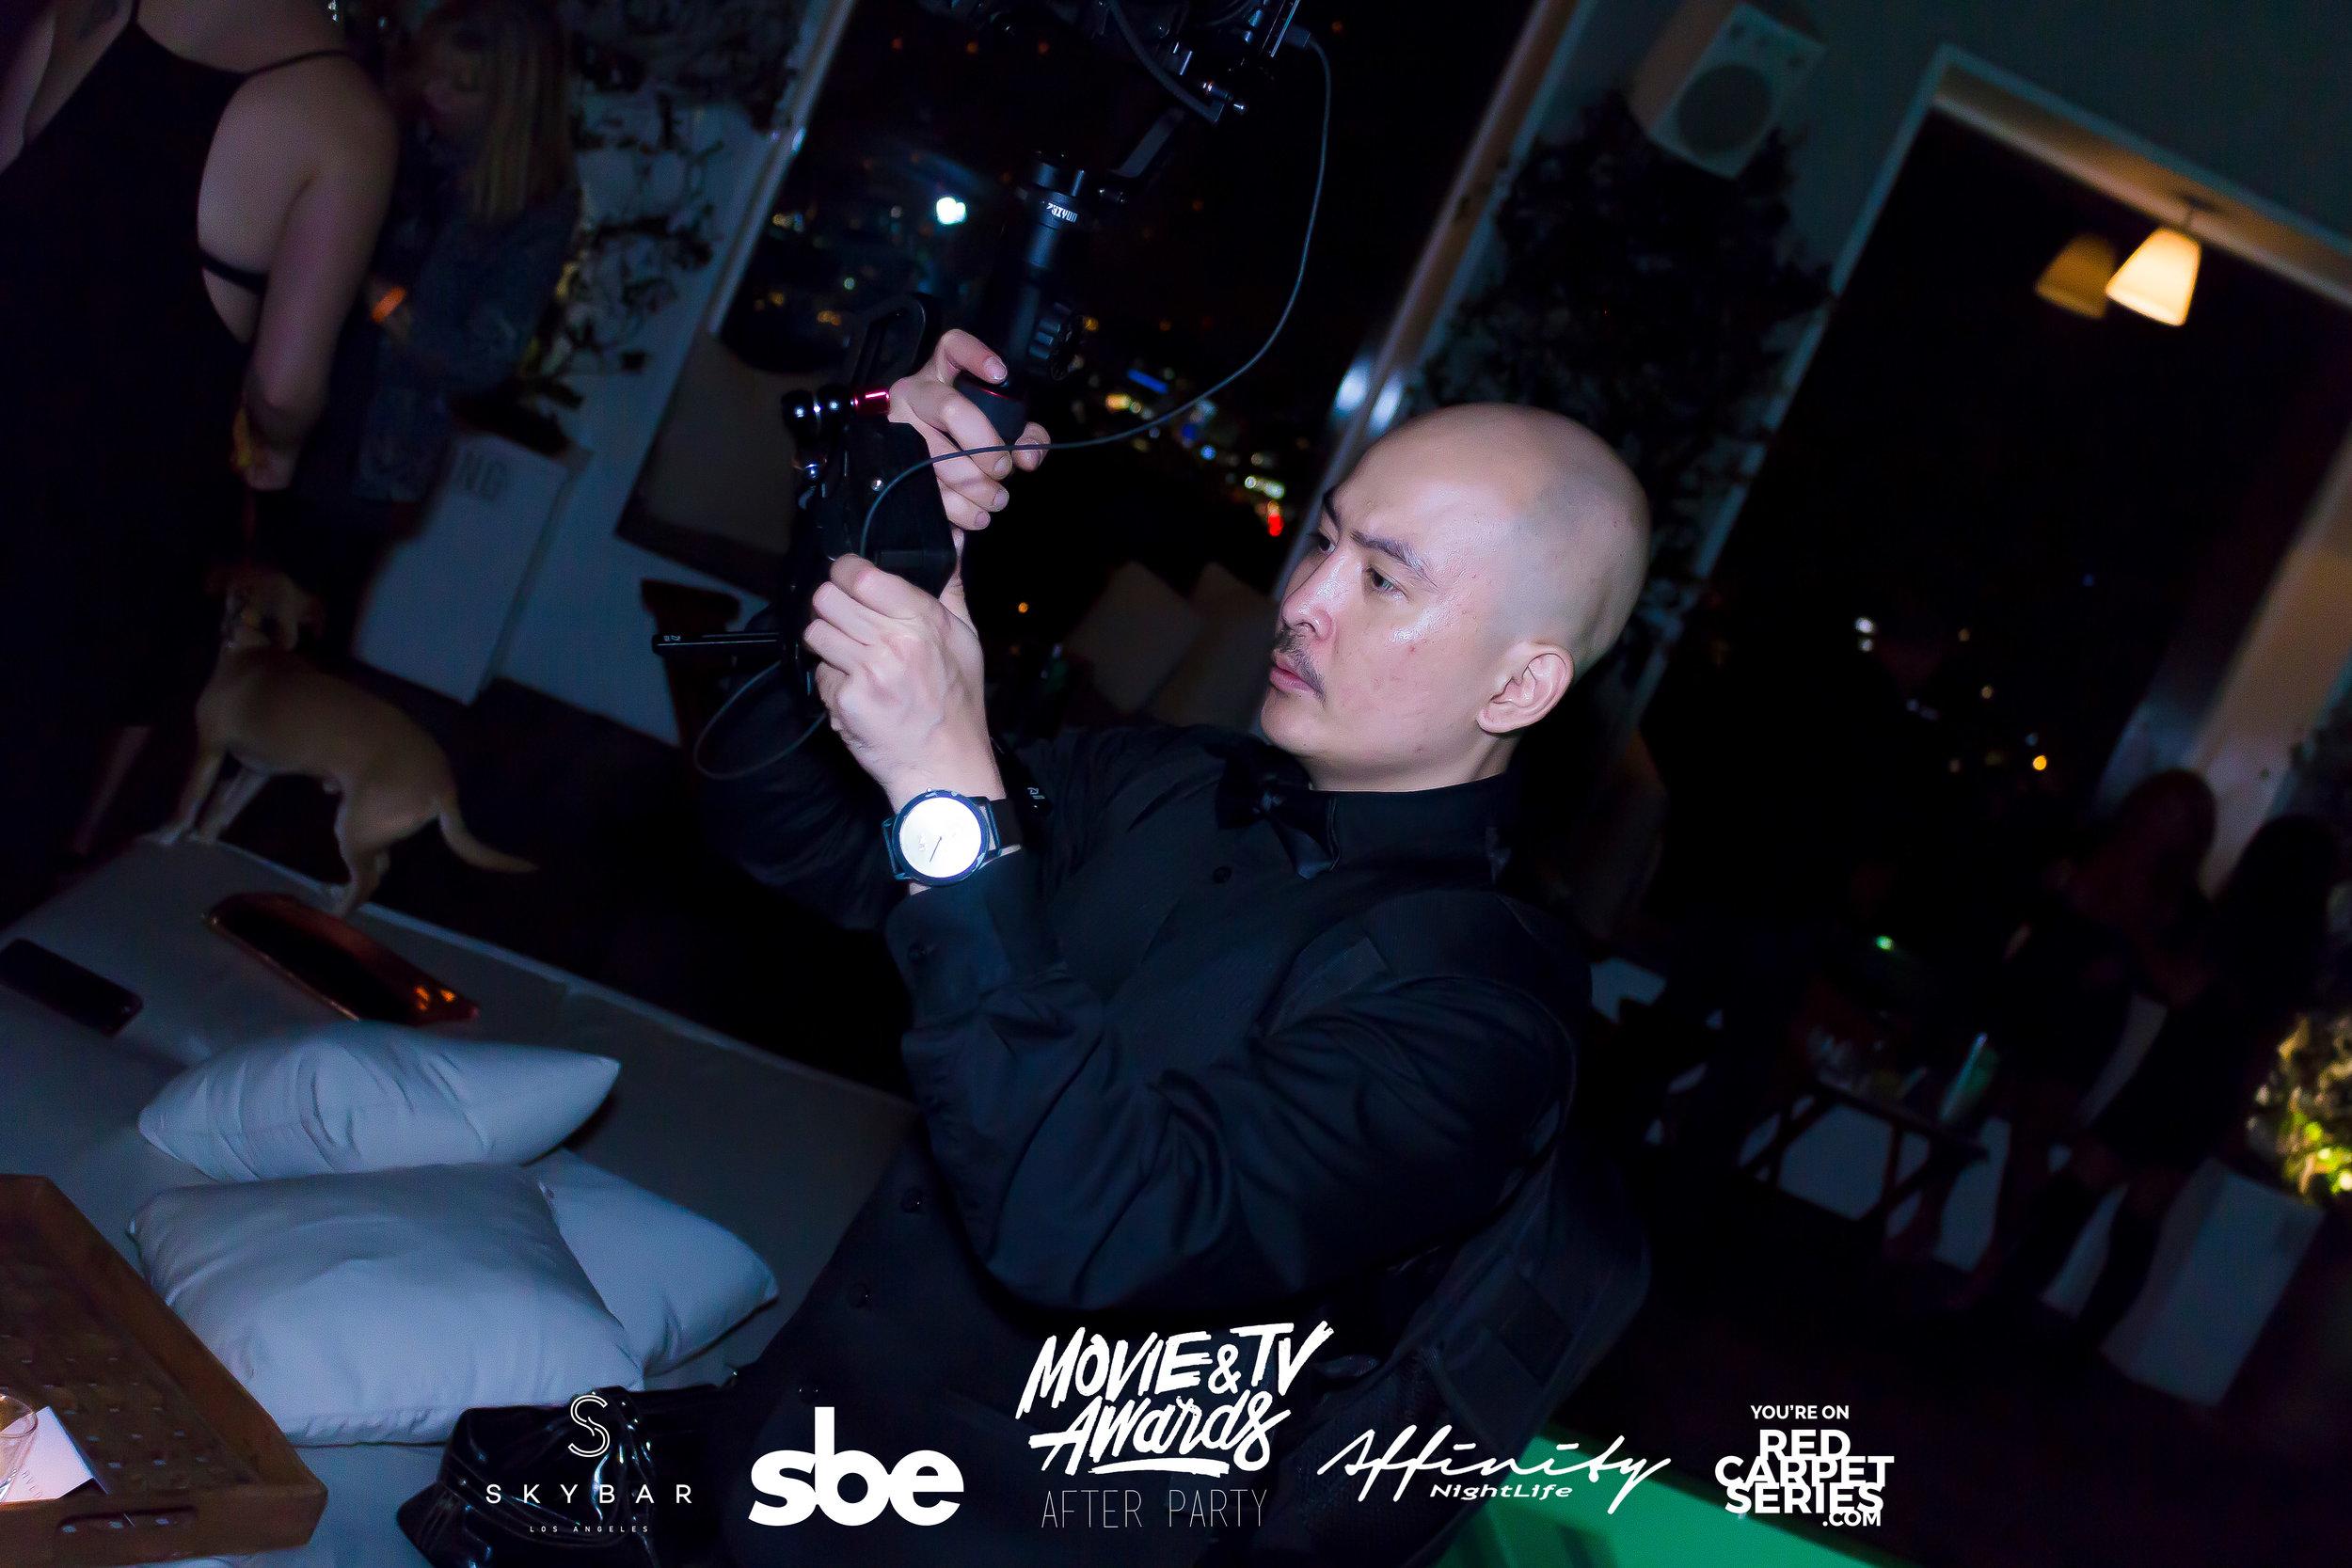 Affinity Nightlife MTV Movie & TV Awards After Party - Skybar at Mondrian - 06-15-19 - Vol. 2_138.jpg